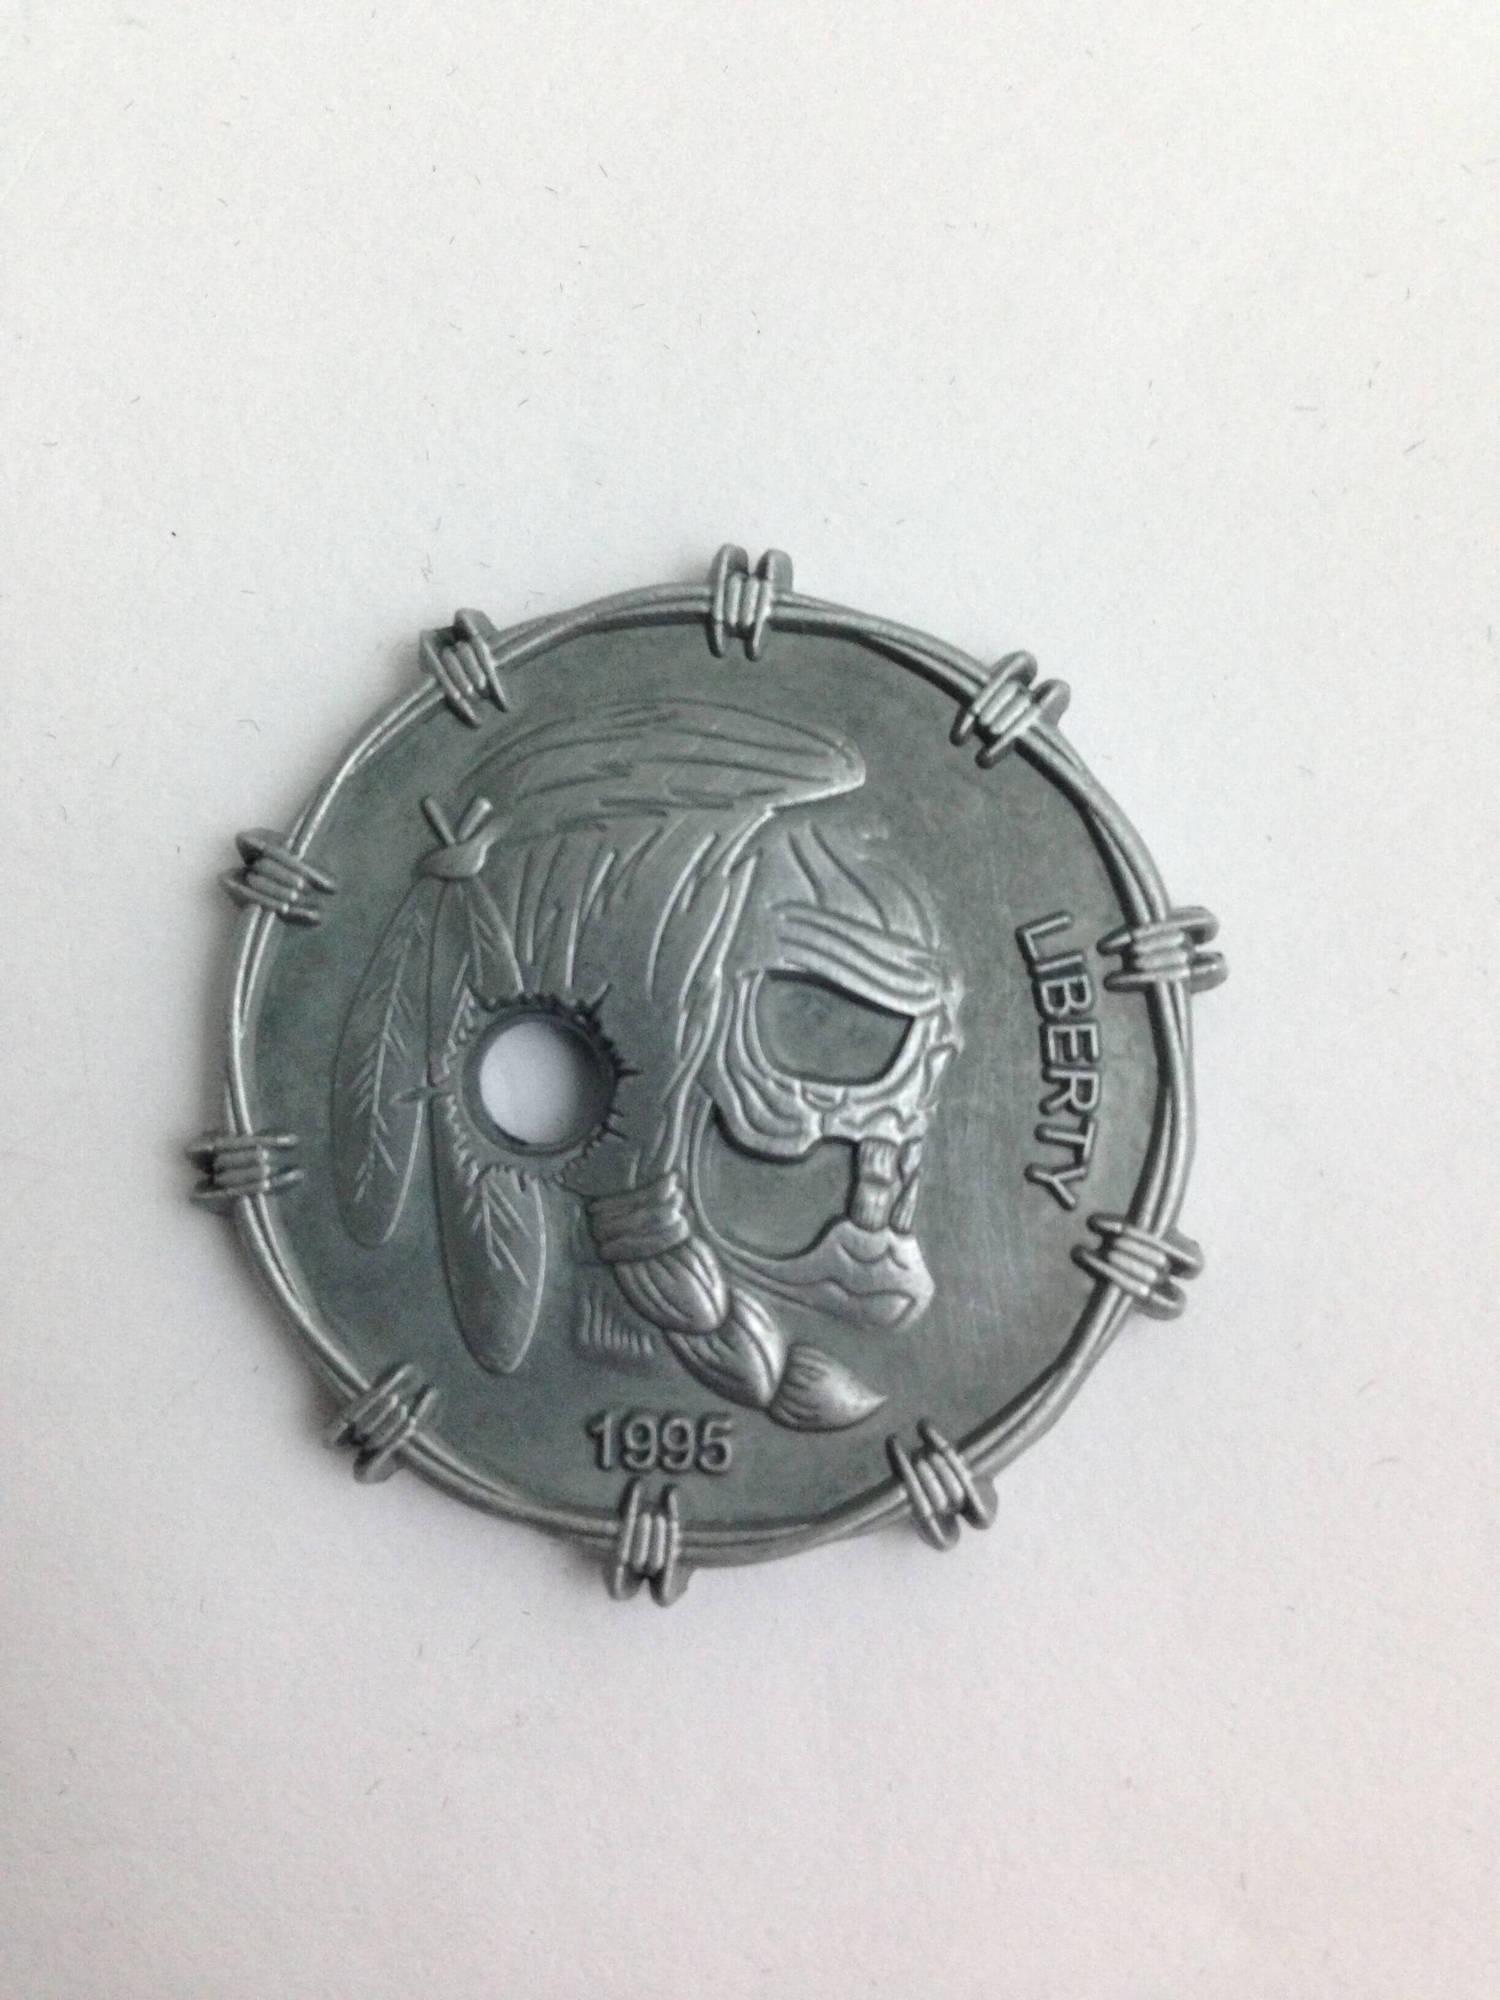 Vixentor-custom-dealer-coin-004-e1499521554116.jpg